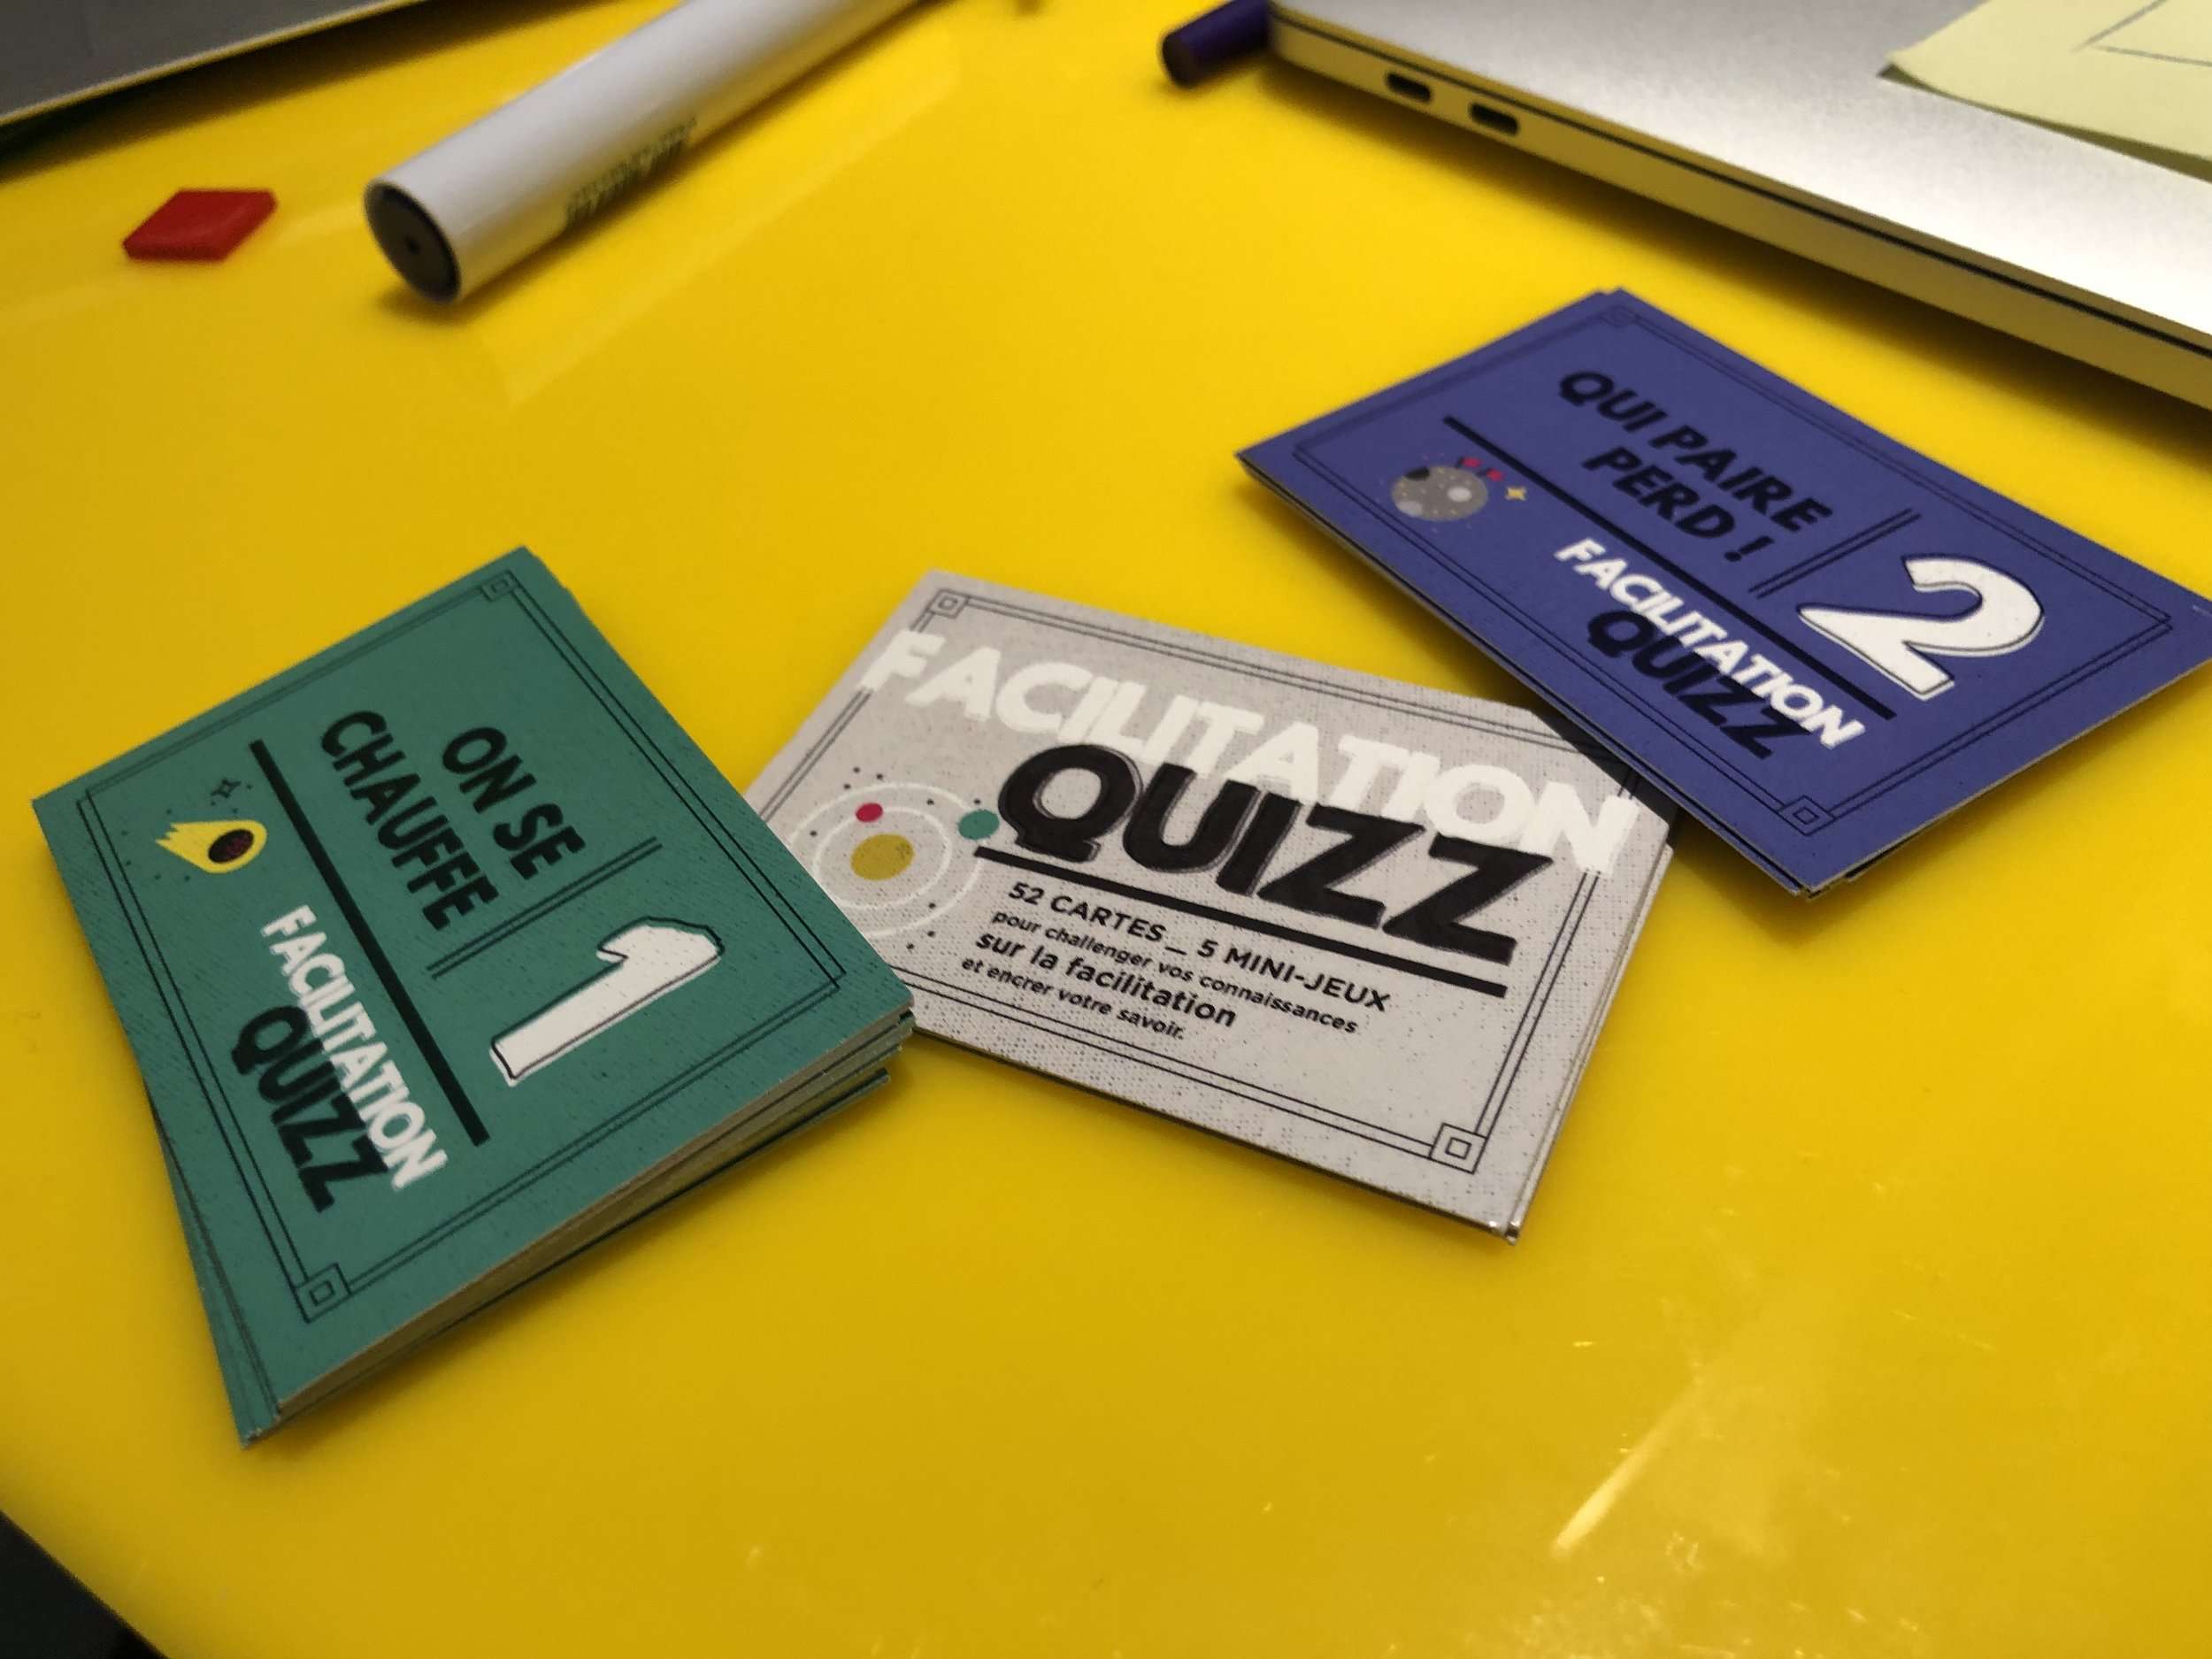 Le set facilitation quizz comme outil de relecture des concepts de facilitation - ...